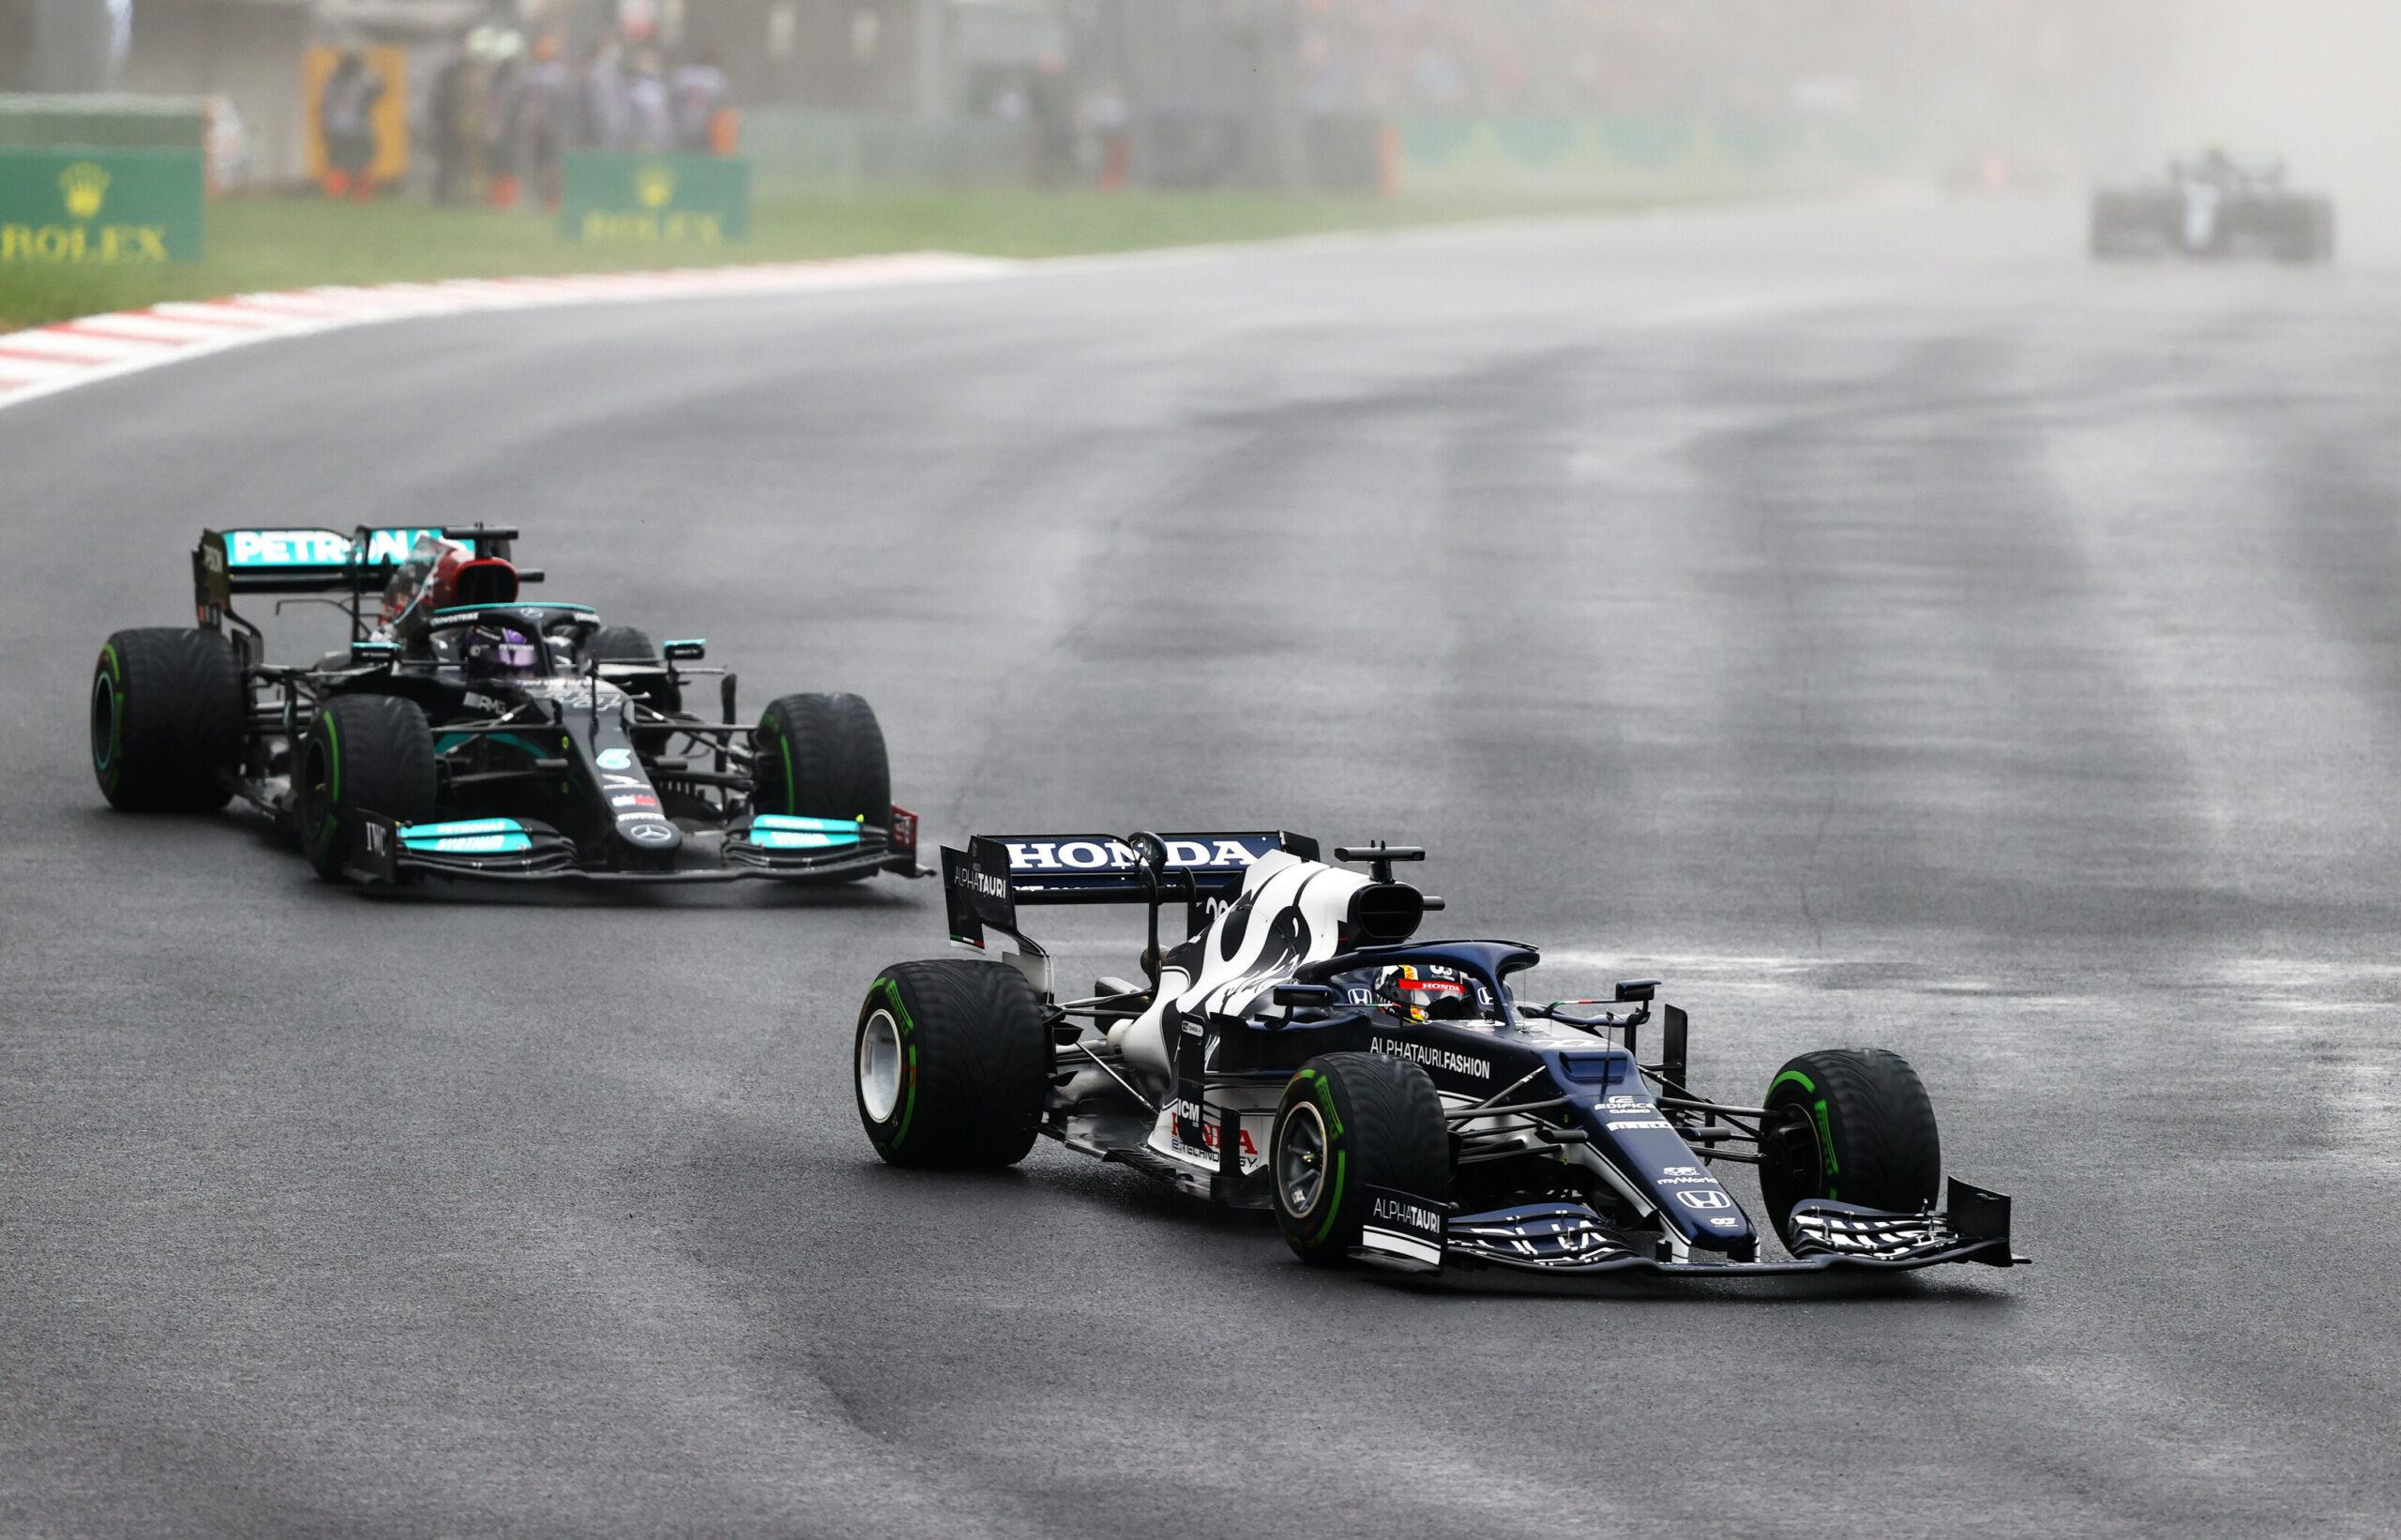 F1 - Tsunoda a ruiné sa course en luttant avec Hamilton en Turquie